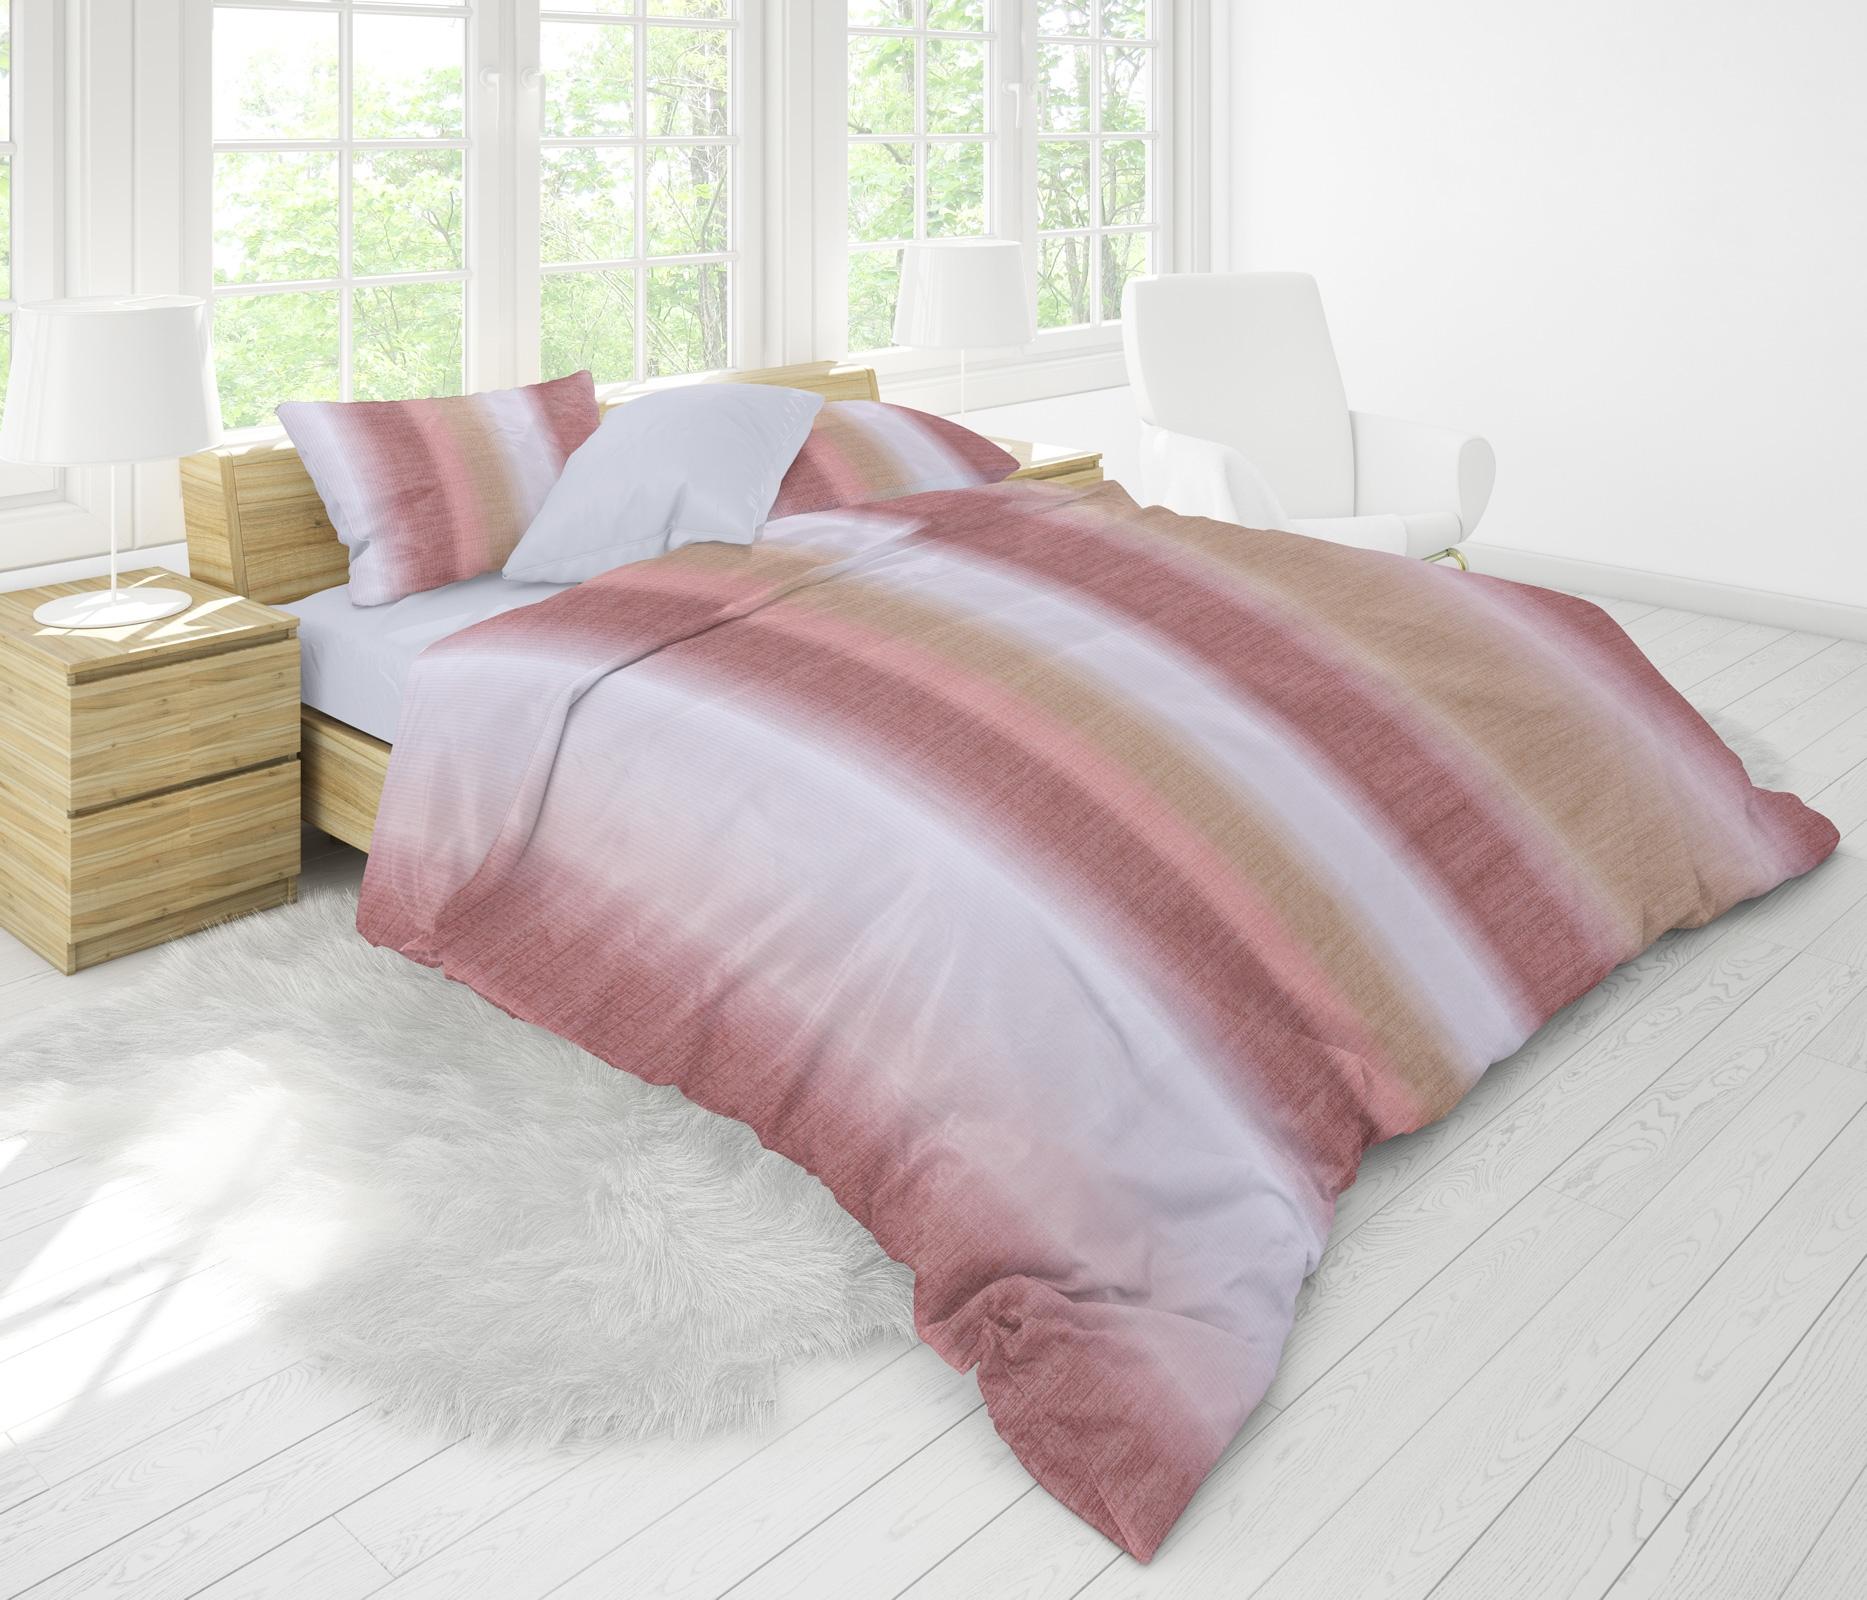 Bettwäsche - MOON Luxury Damast Bettwäsche Rainbow Streifen terra 135x200 80x80 100 Baumwolle YKK Reißverschluss  - Onlineshop PremiumShop321